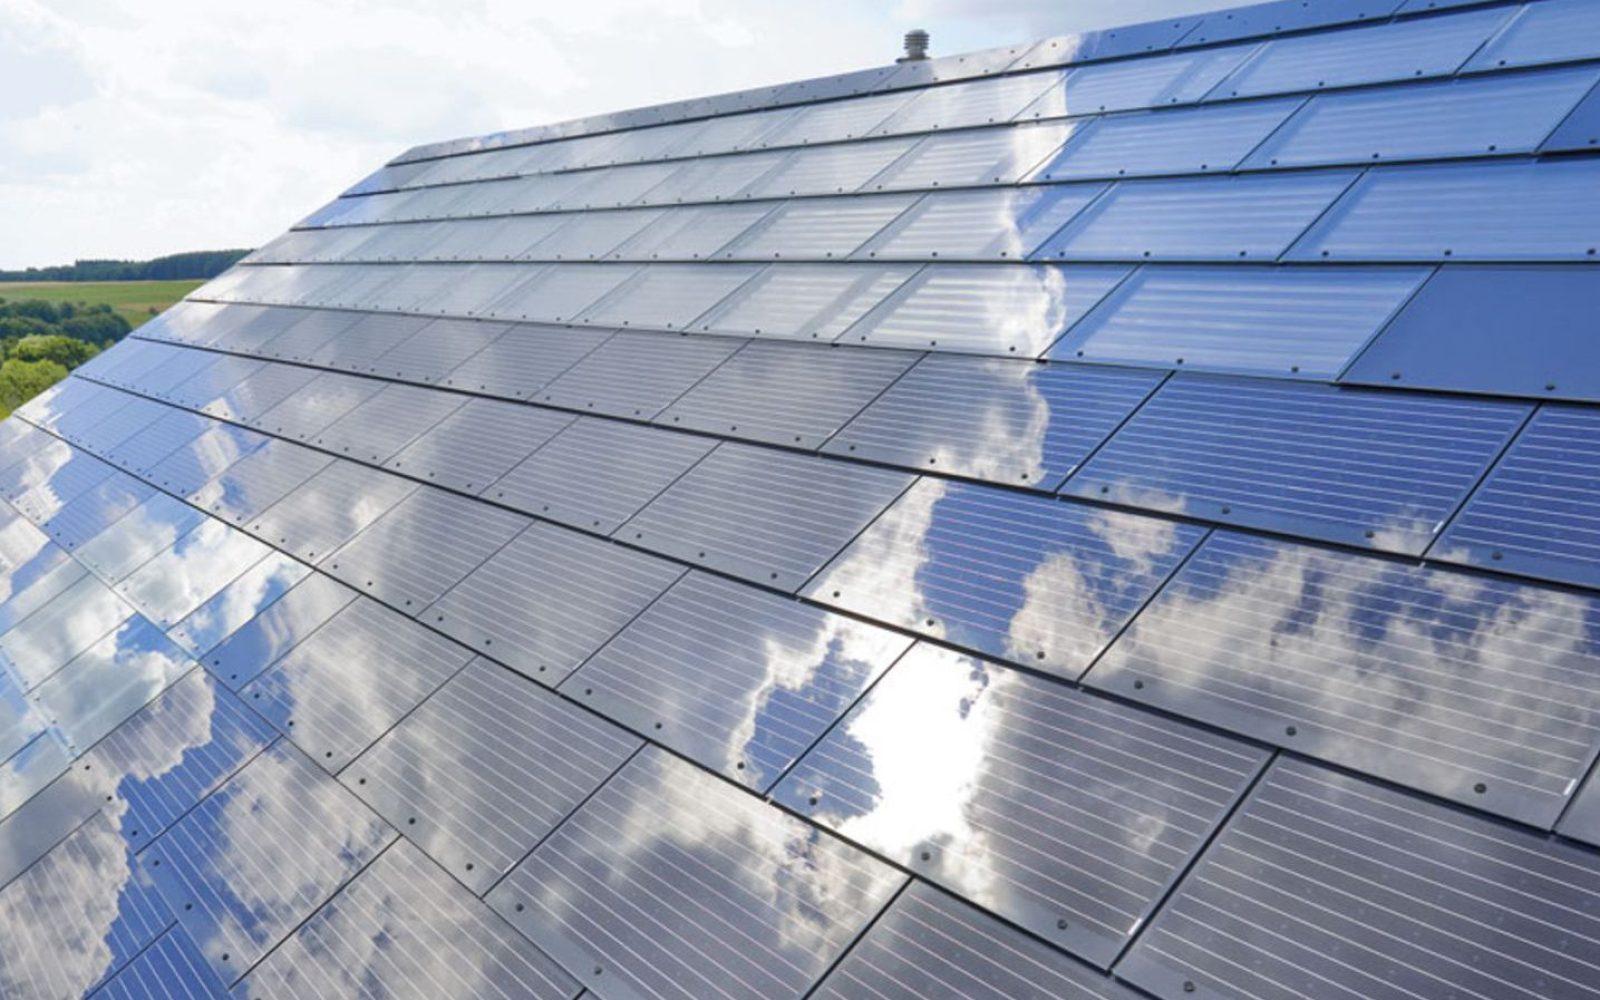 Elon Musk Solar Shingles >> Elon Musk Announces Solar Roof Product Tesla Solarcity Will Go